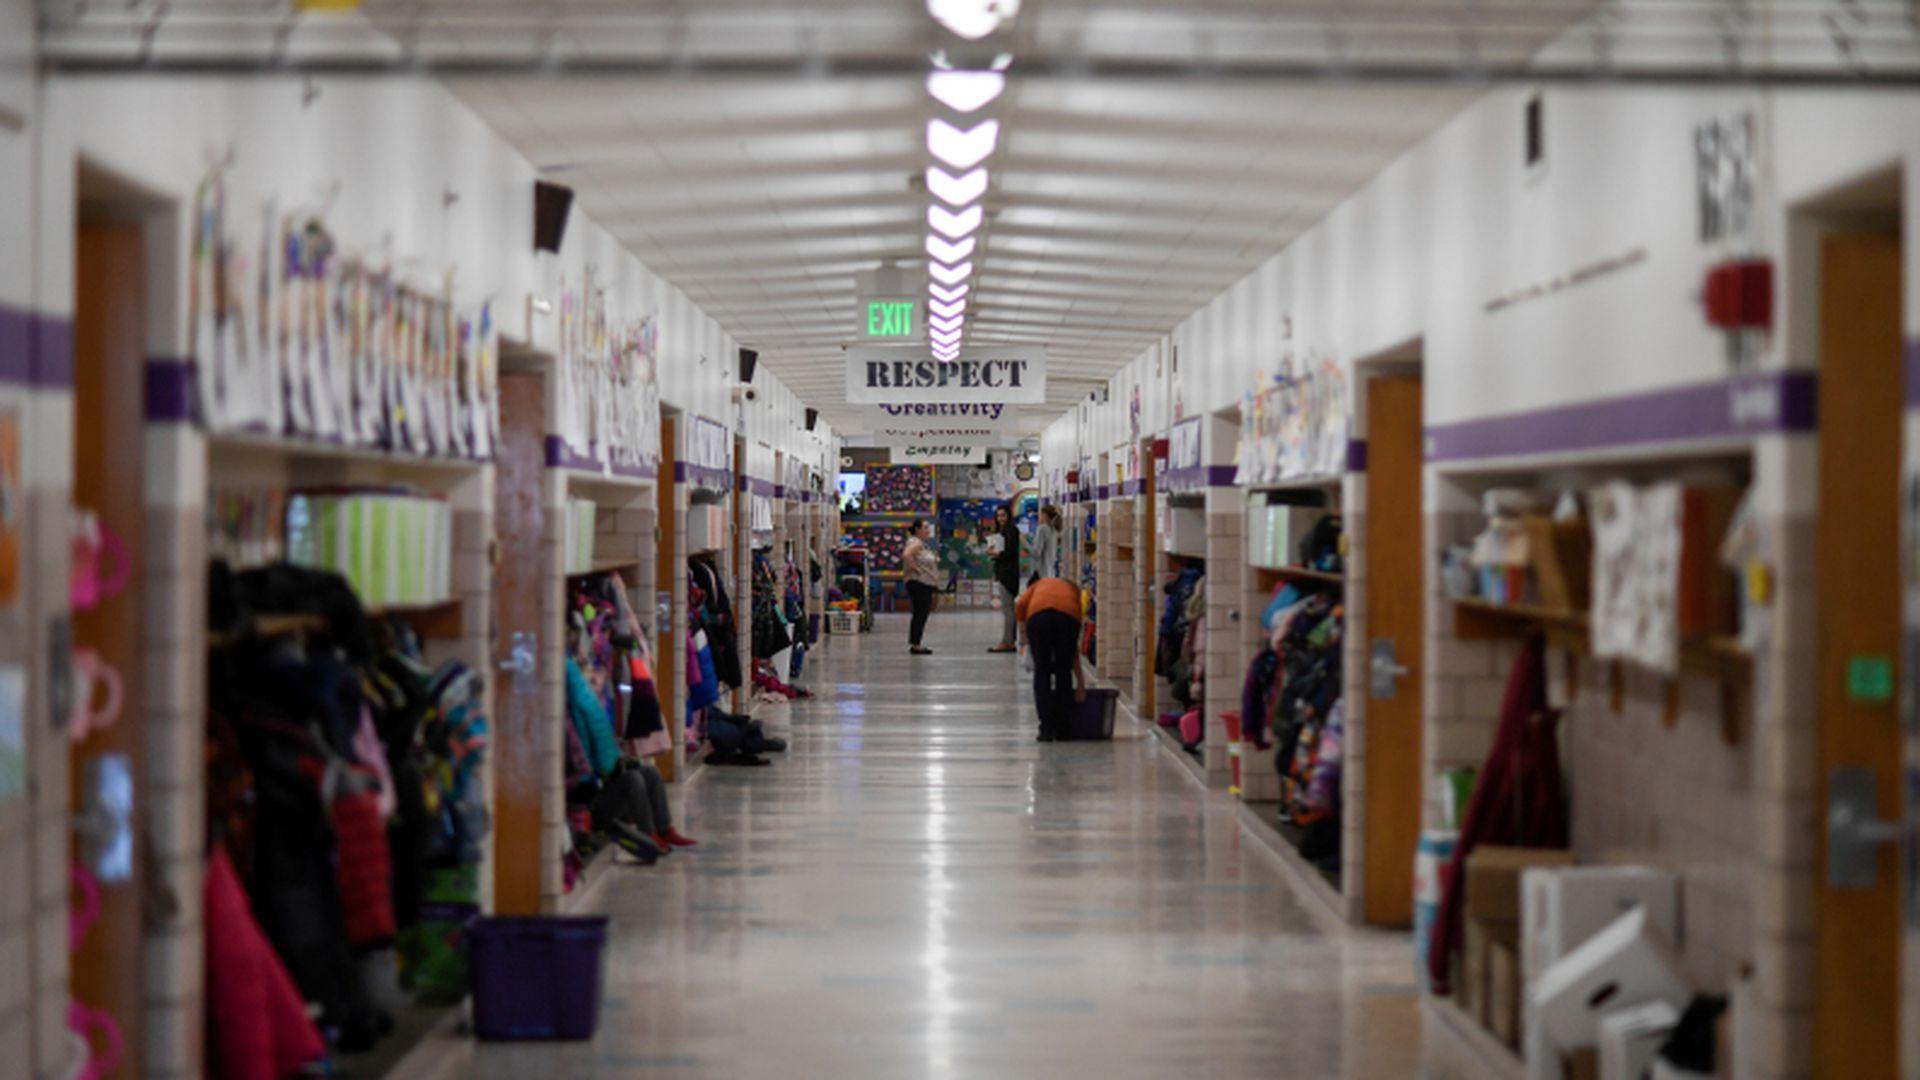 An elementary school hallway.